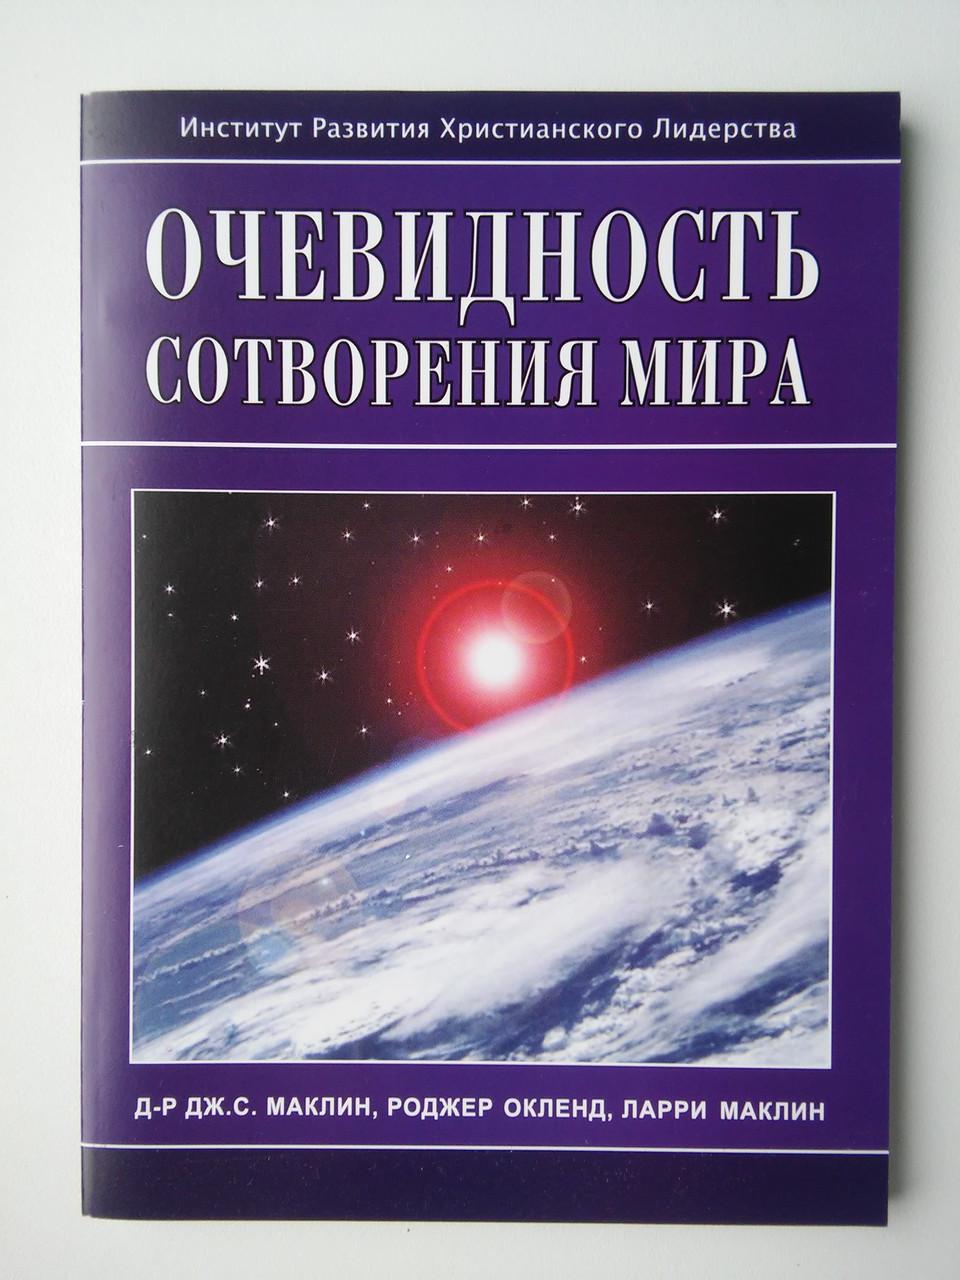 Очевидность сотворения мира. Происхождение планеты Земля. Дж.С. Маклин, Роджер Окленд, Л. Маклин